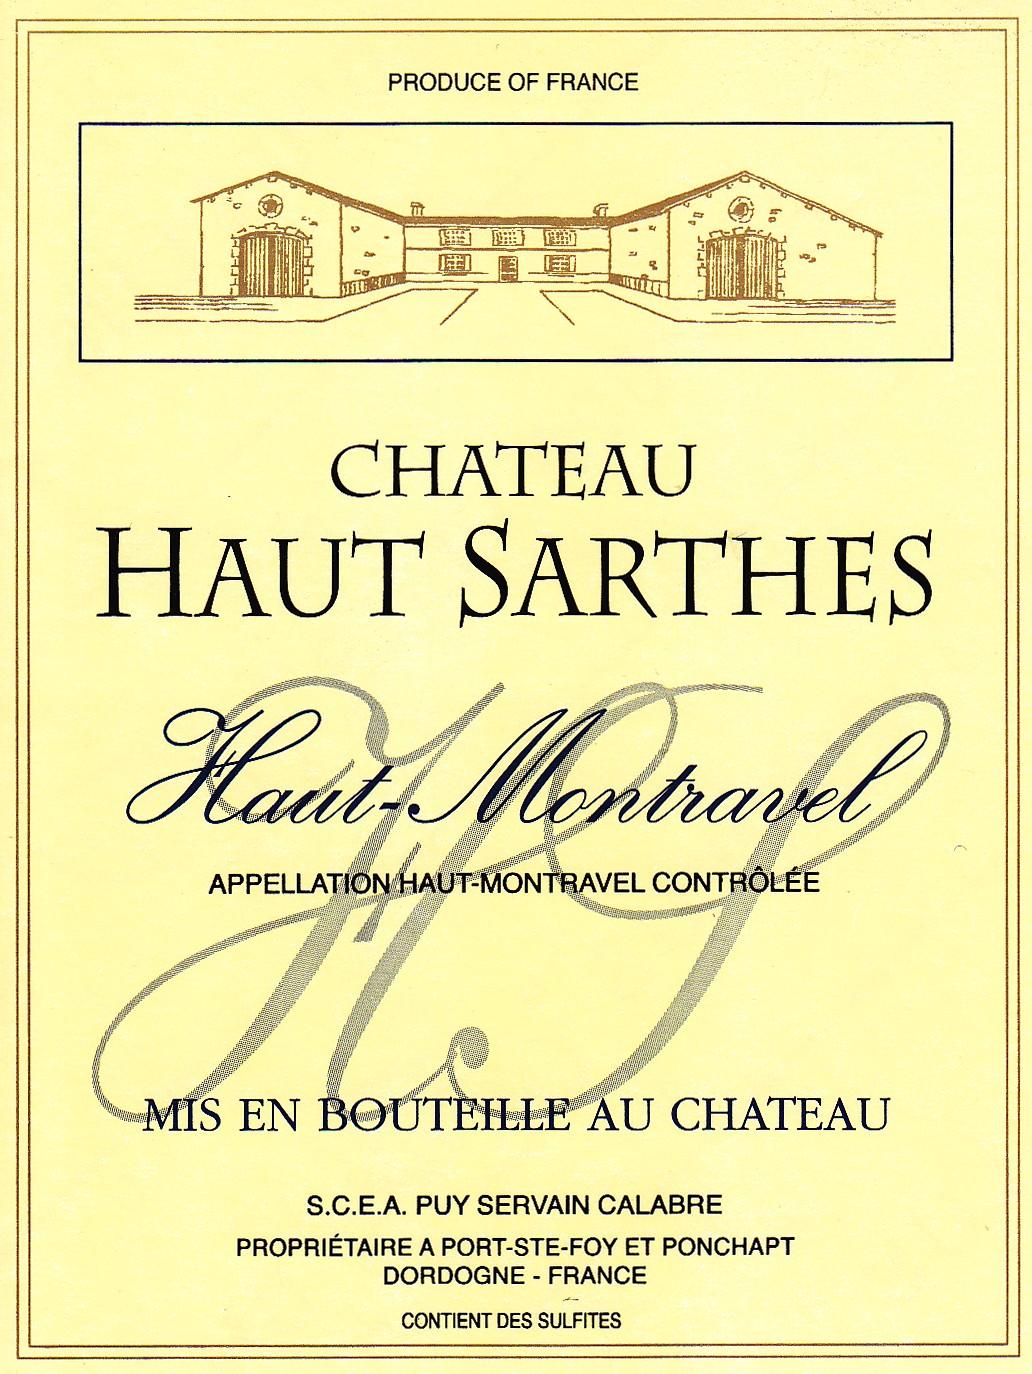 Château Haut-Sarthes Haut Montravel